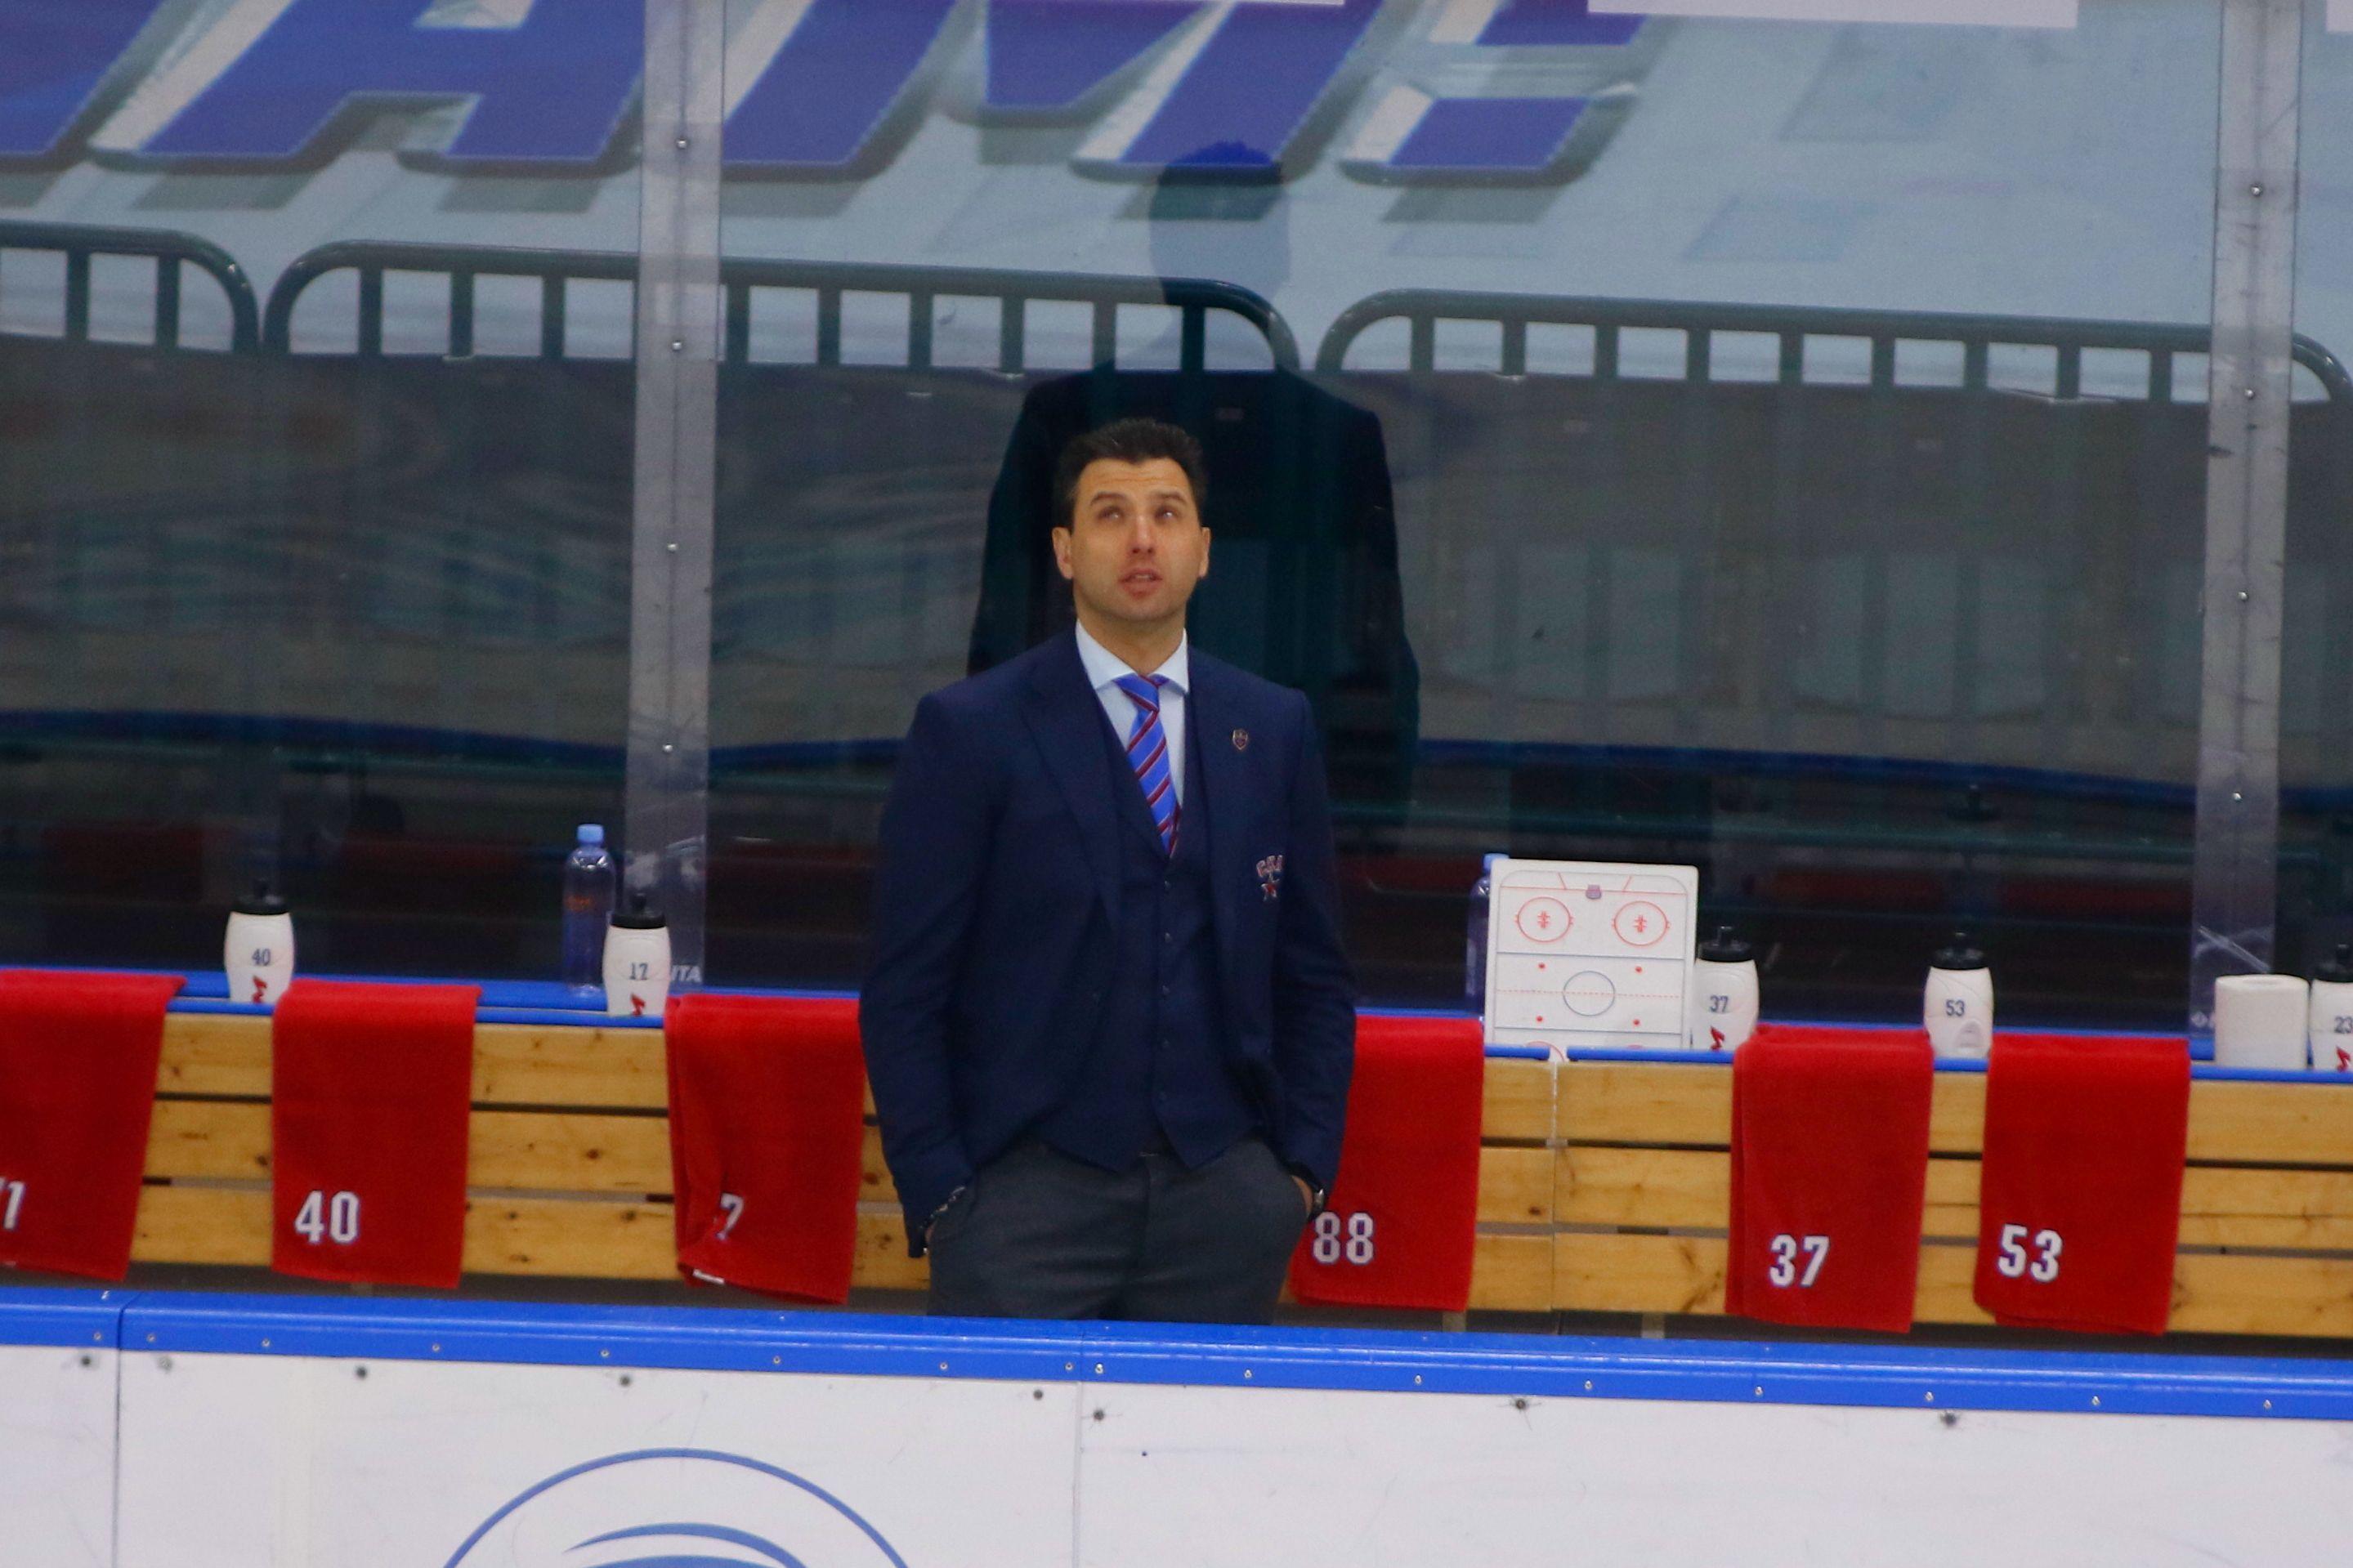 Ротенберг: Сборная России должна улучшить игру в большинстве перед чемпионатом мира по хоккею